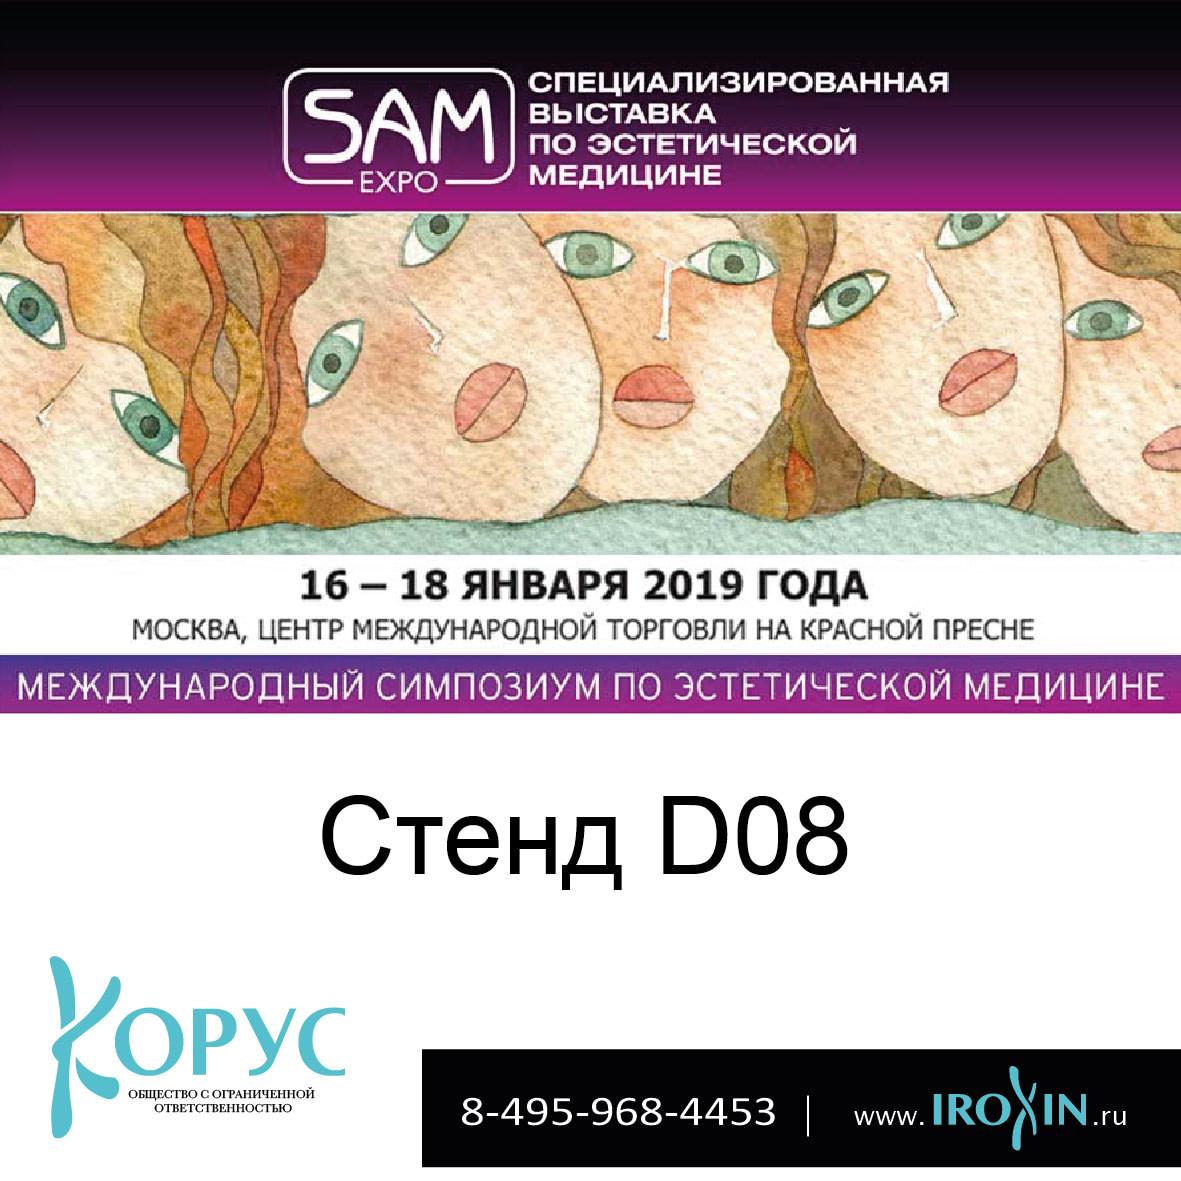 Приглашаем на международный симпозиум по эстетической медицине